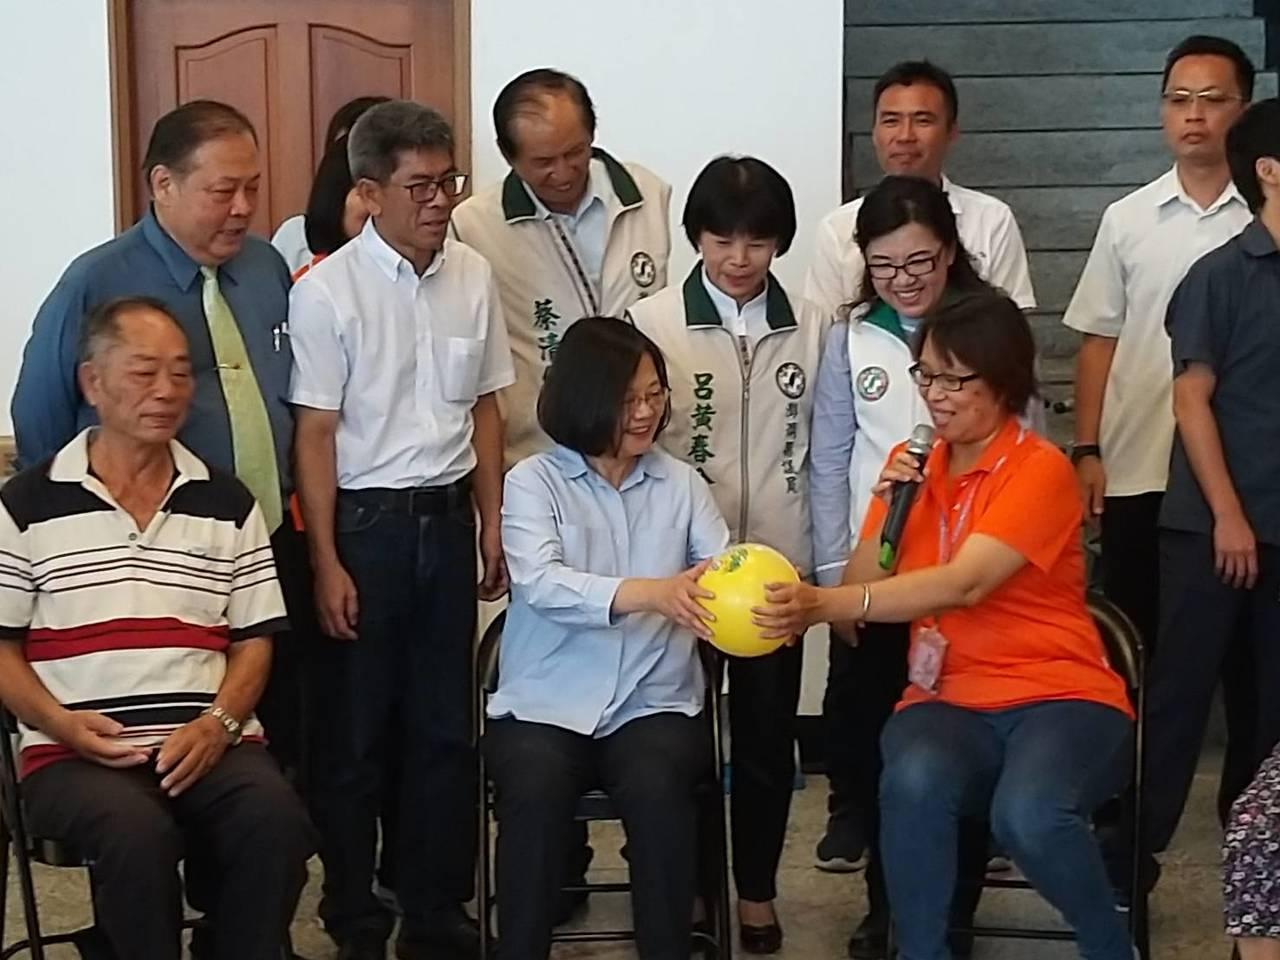 總統蔡英文到澎湖關懷長輩,在鐵線社區關懷據點與長輩互動玩遊戲。圖/讀者提供